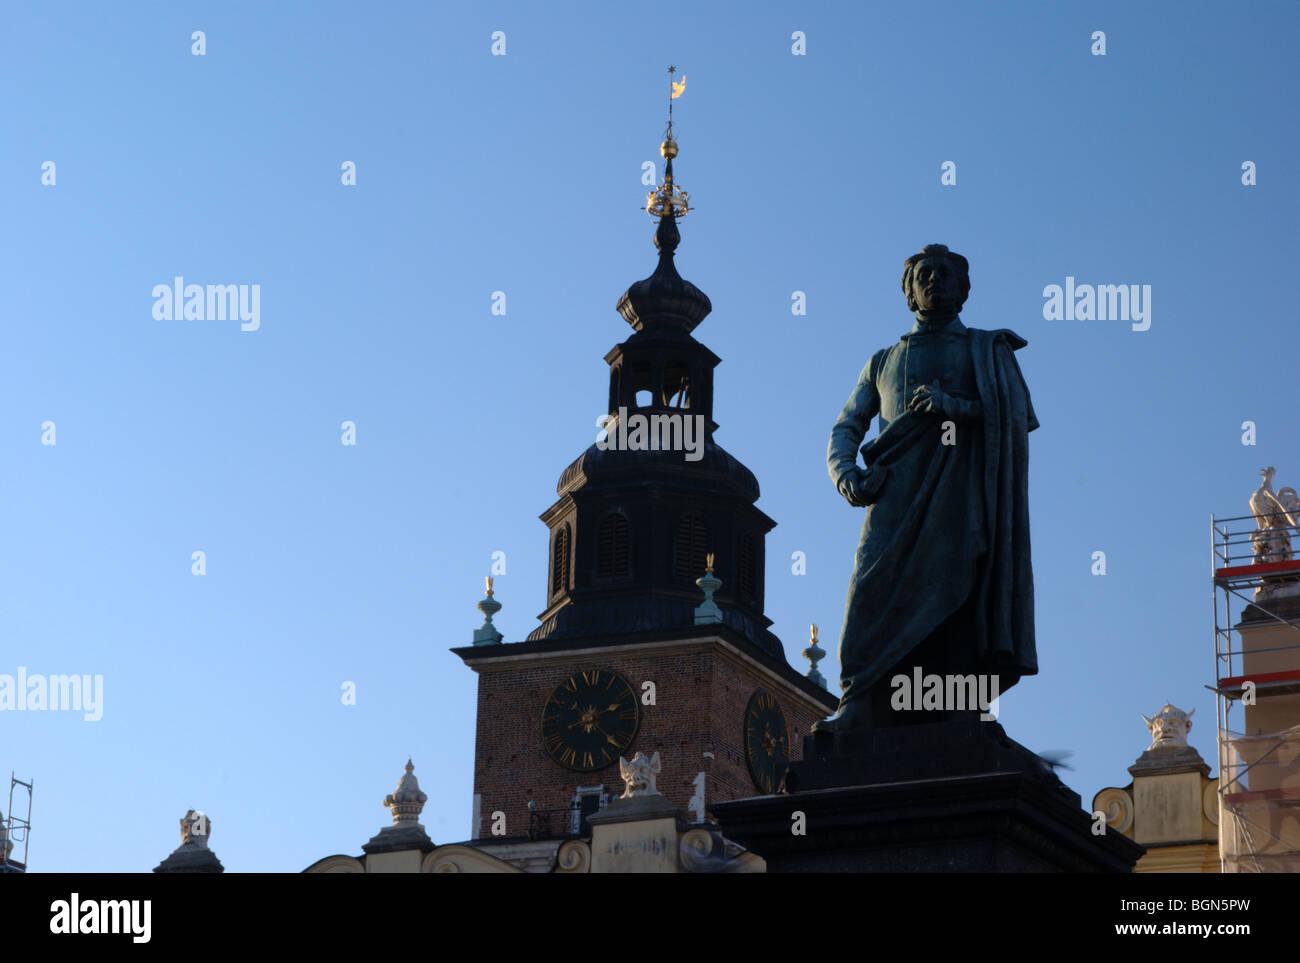 Adam Mickiewicz statue in Krakow market - Stock Image